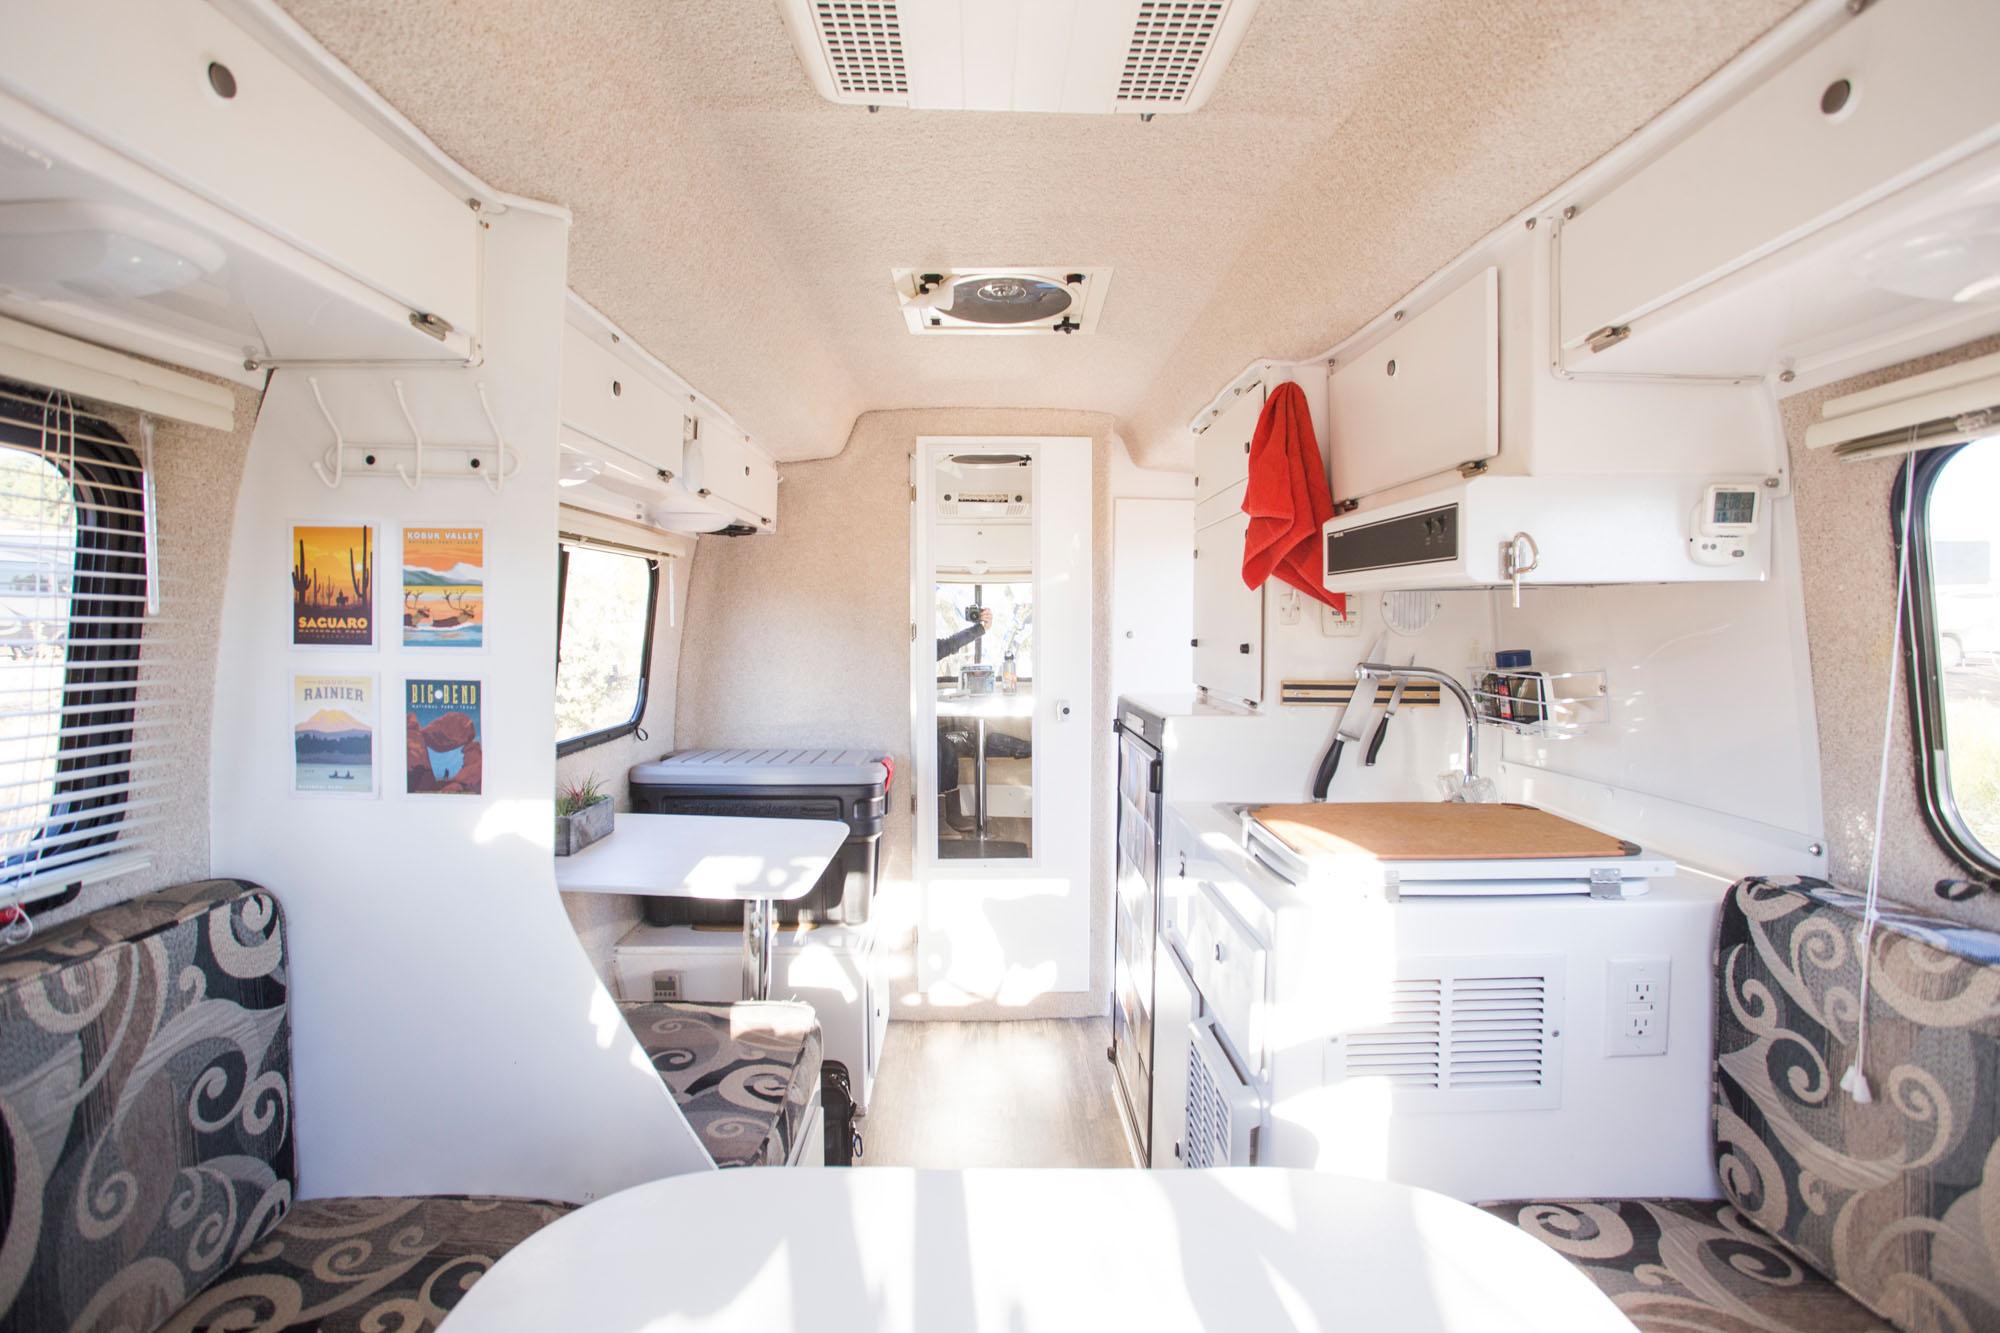 interior photo of casita travel trailer